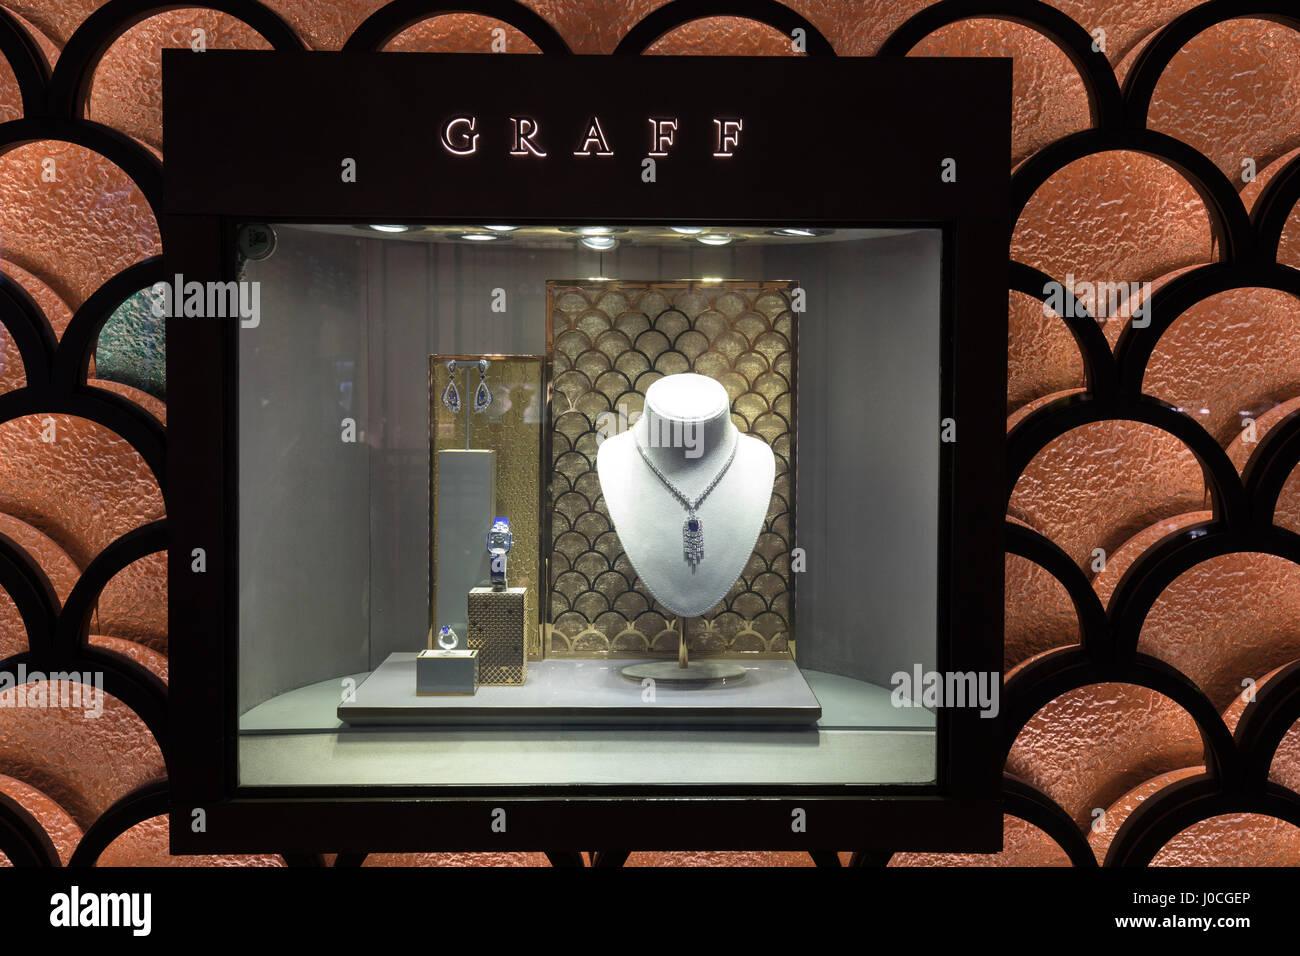 The Graff store in Dubai Mall. UAE Stock Photo